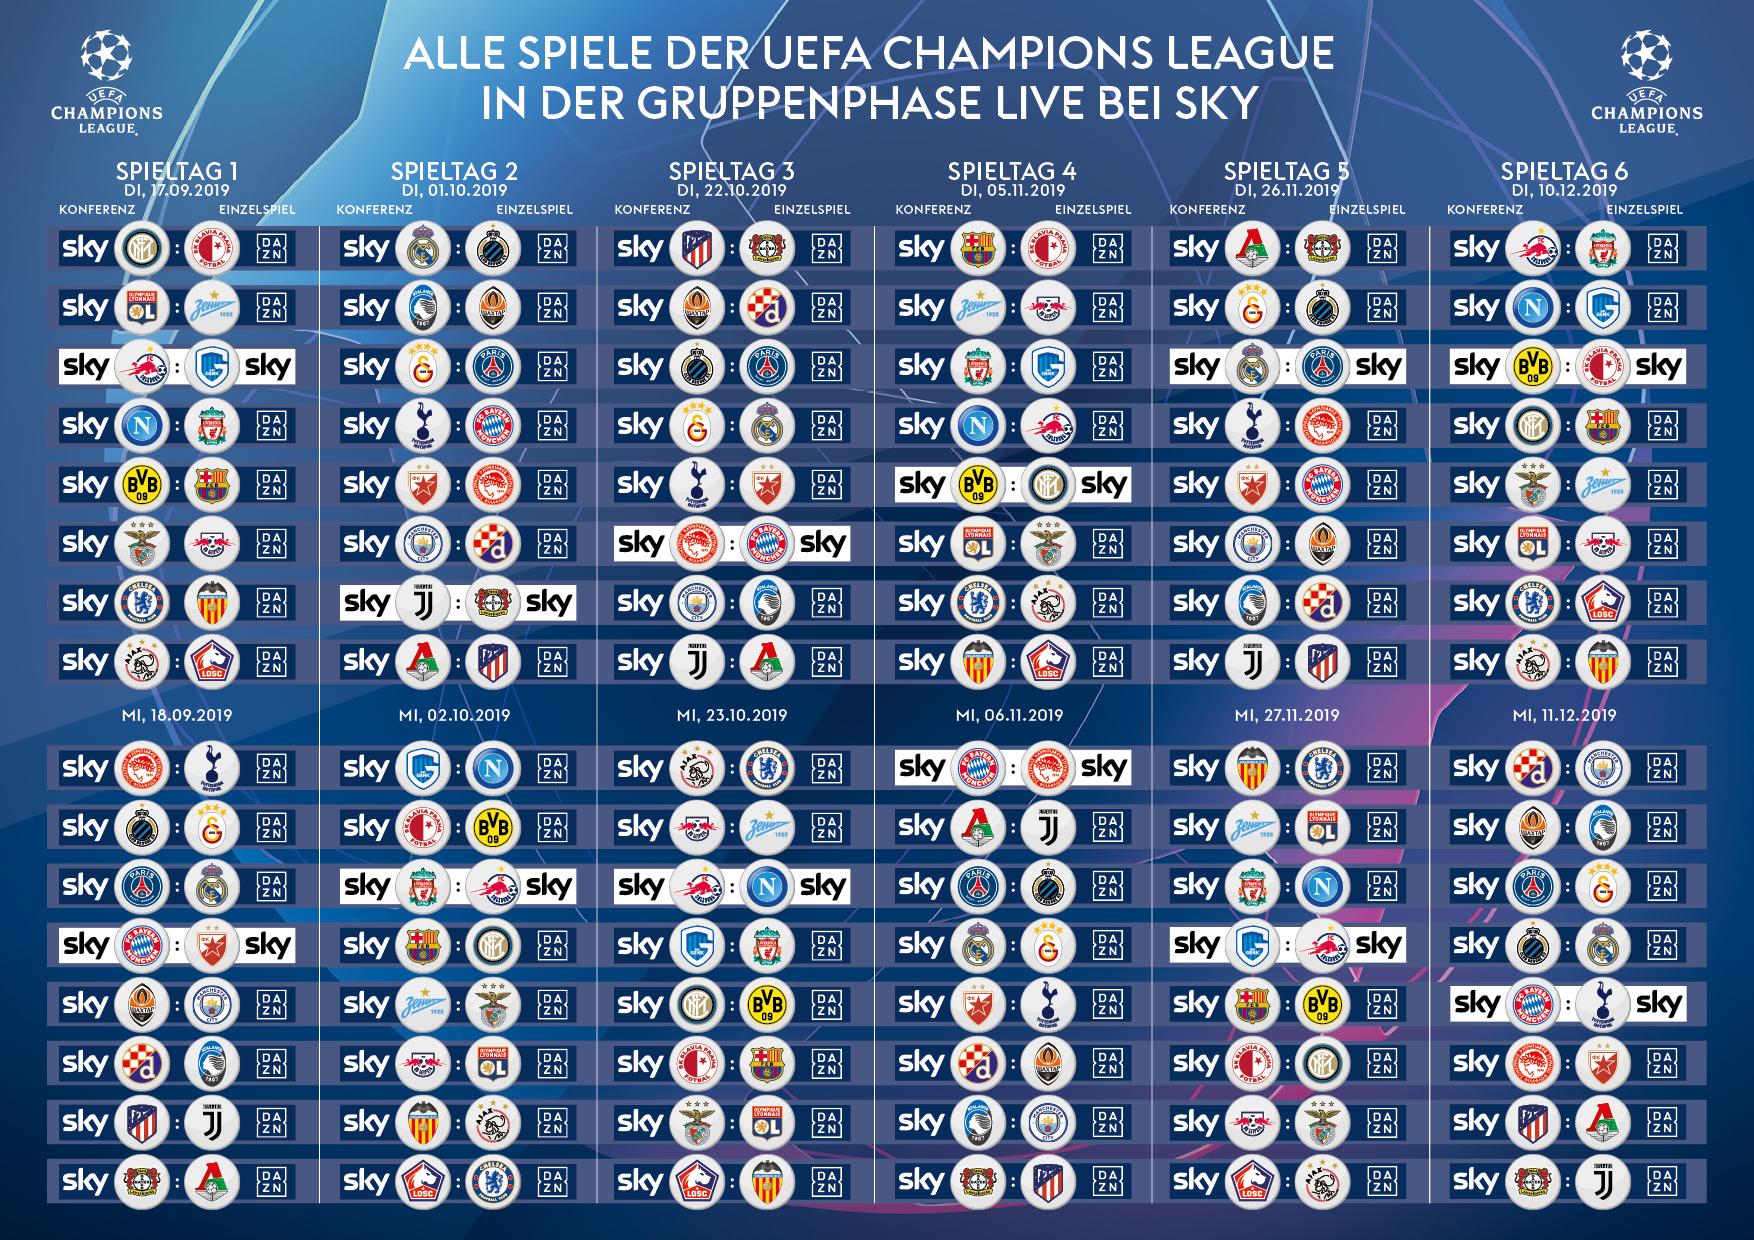 Sky X Champions League alle Spiele